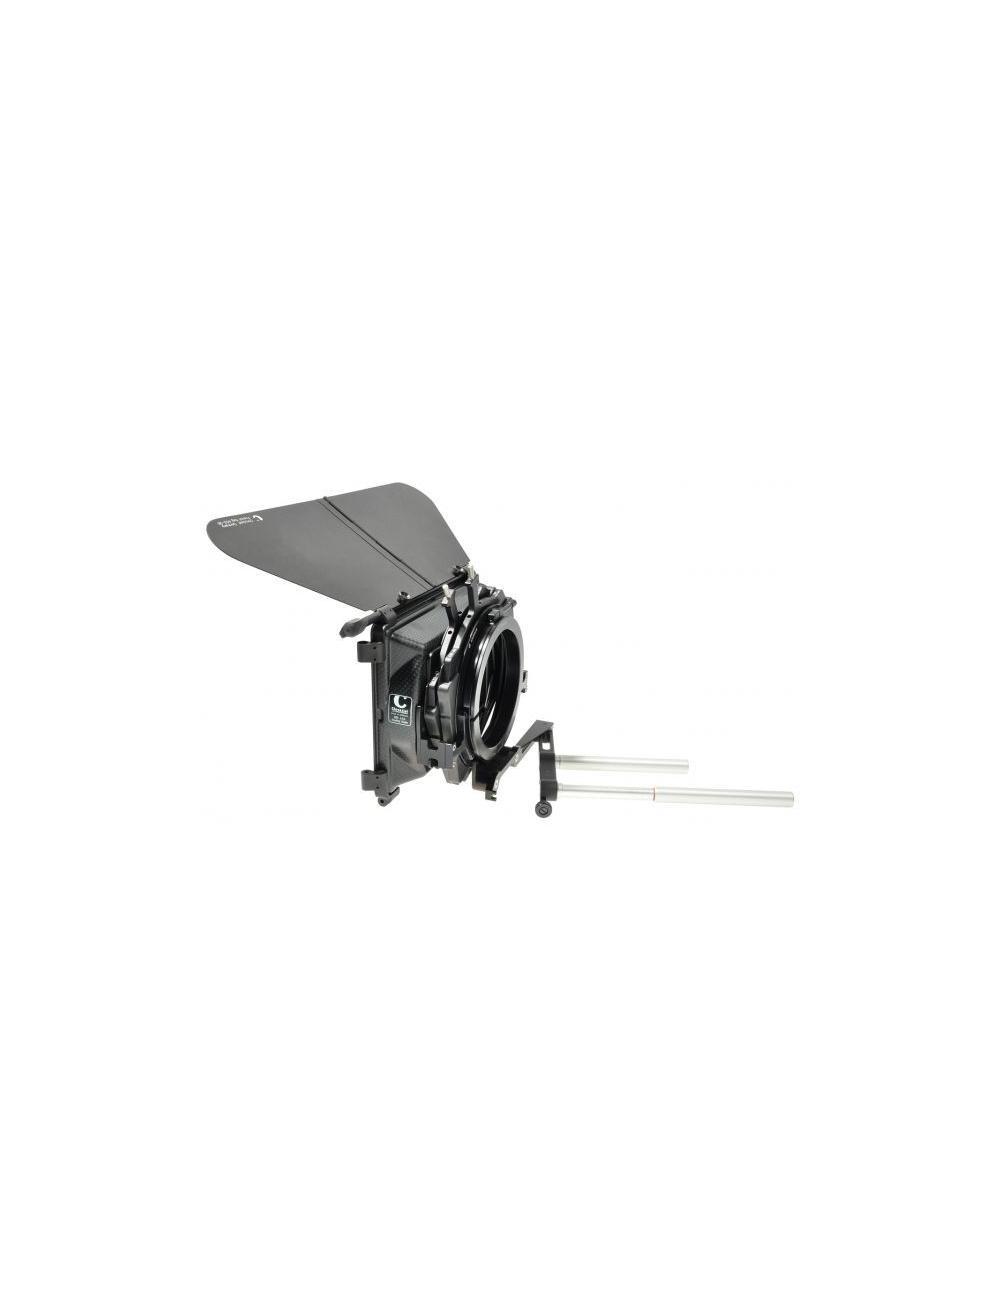 Chrosziel - Kit MB456 para ARRI ALEXA